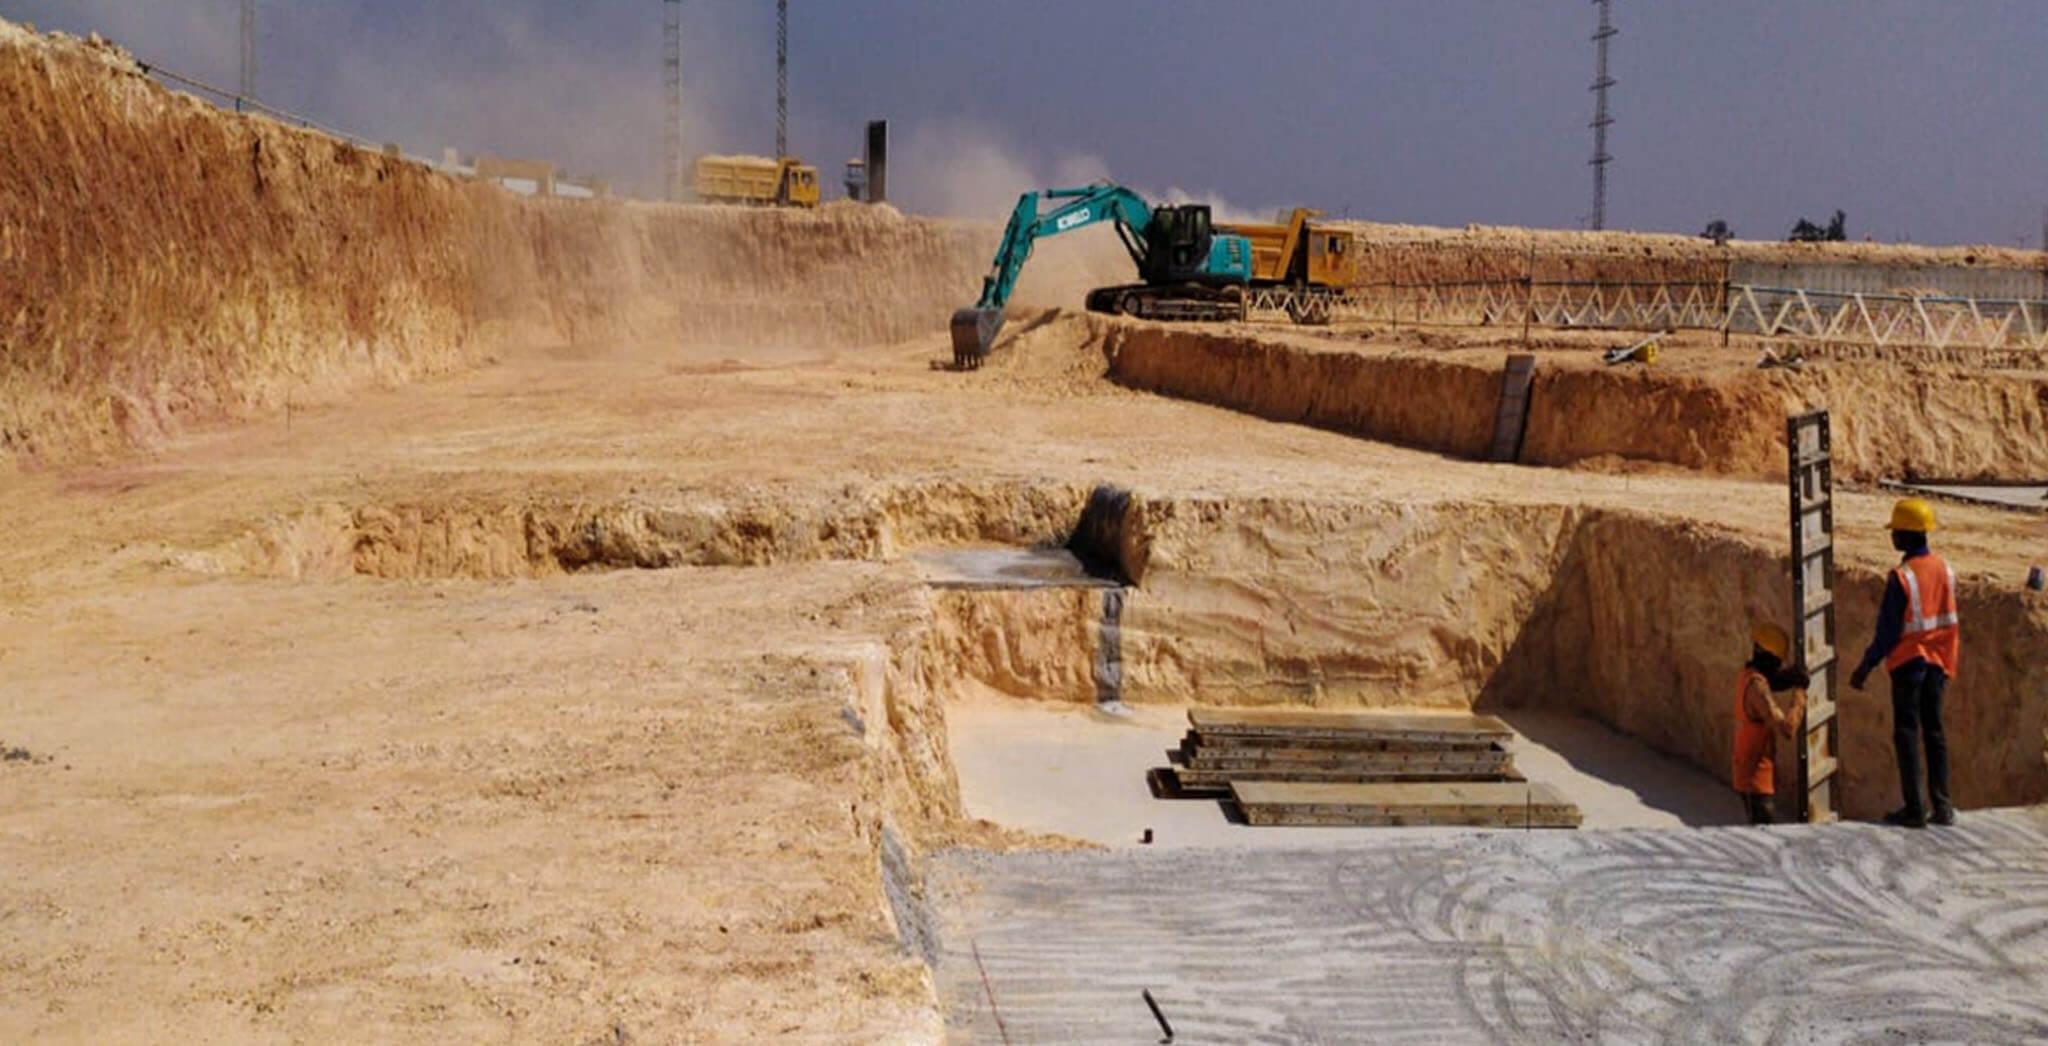 Feb 2020 - Helio Block: Wing C—Excavation in progress